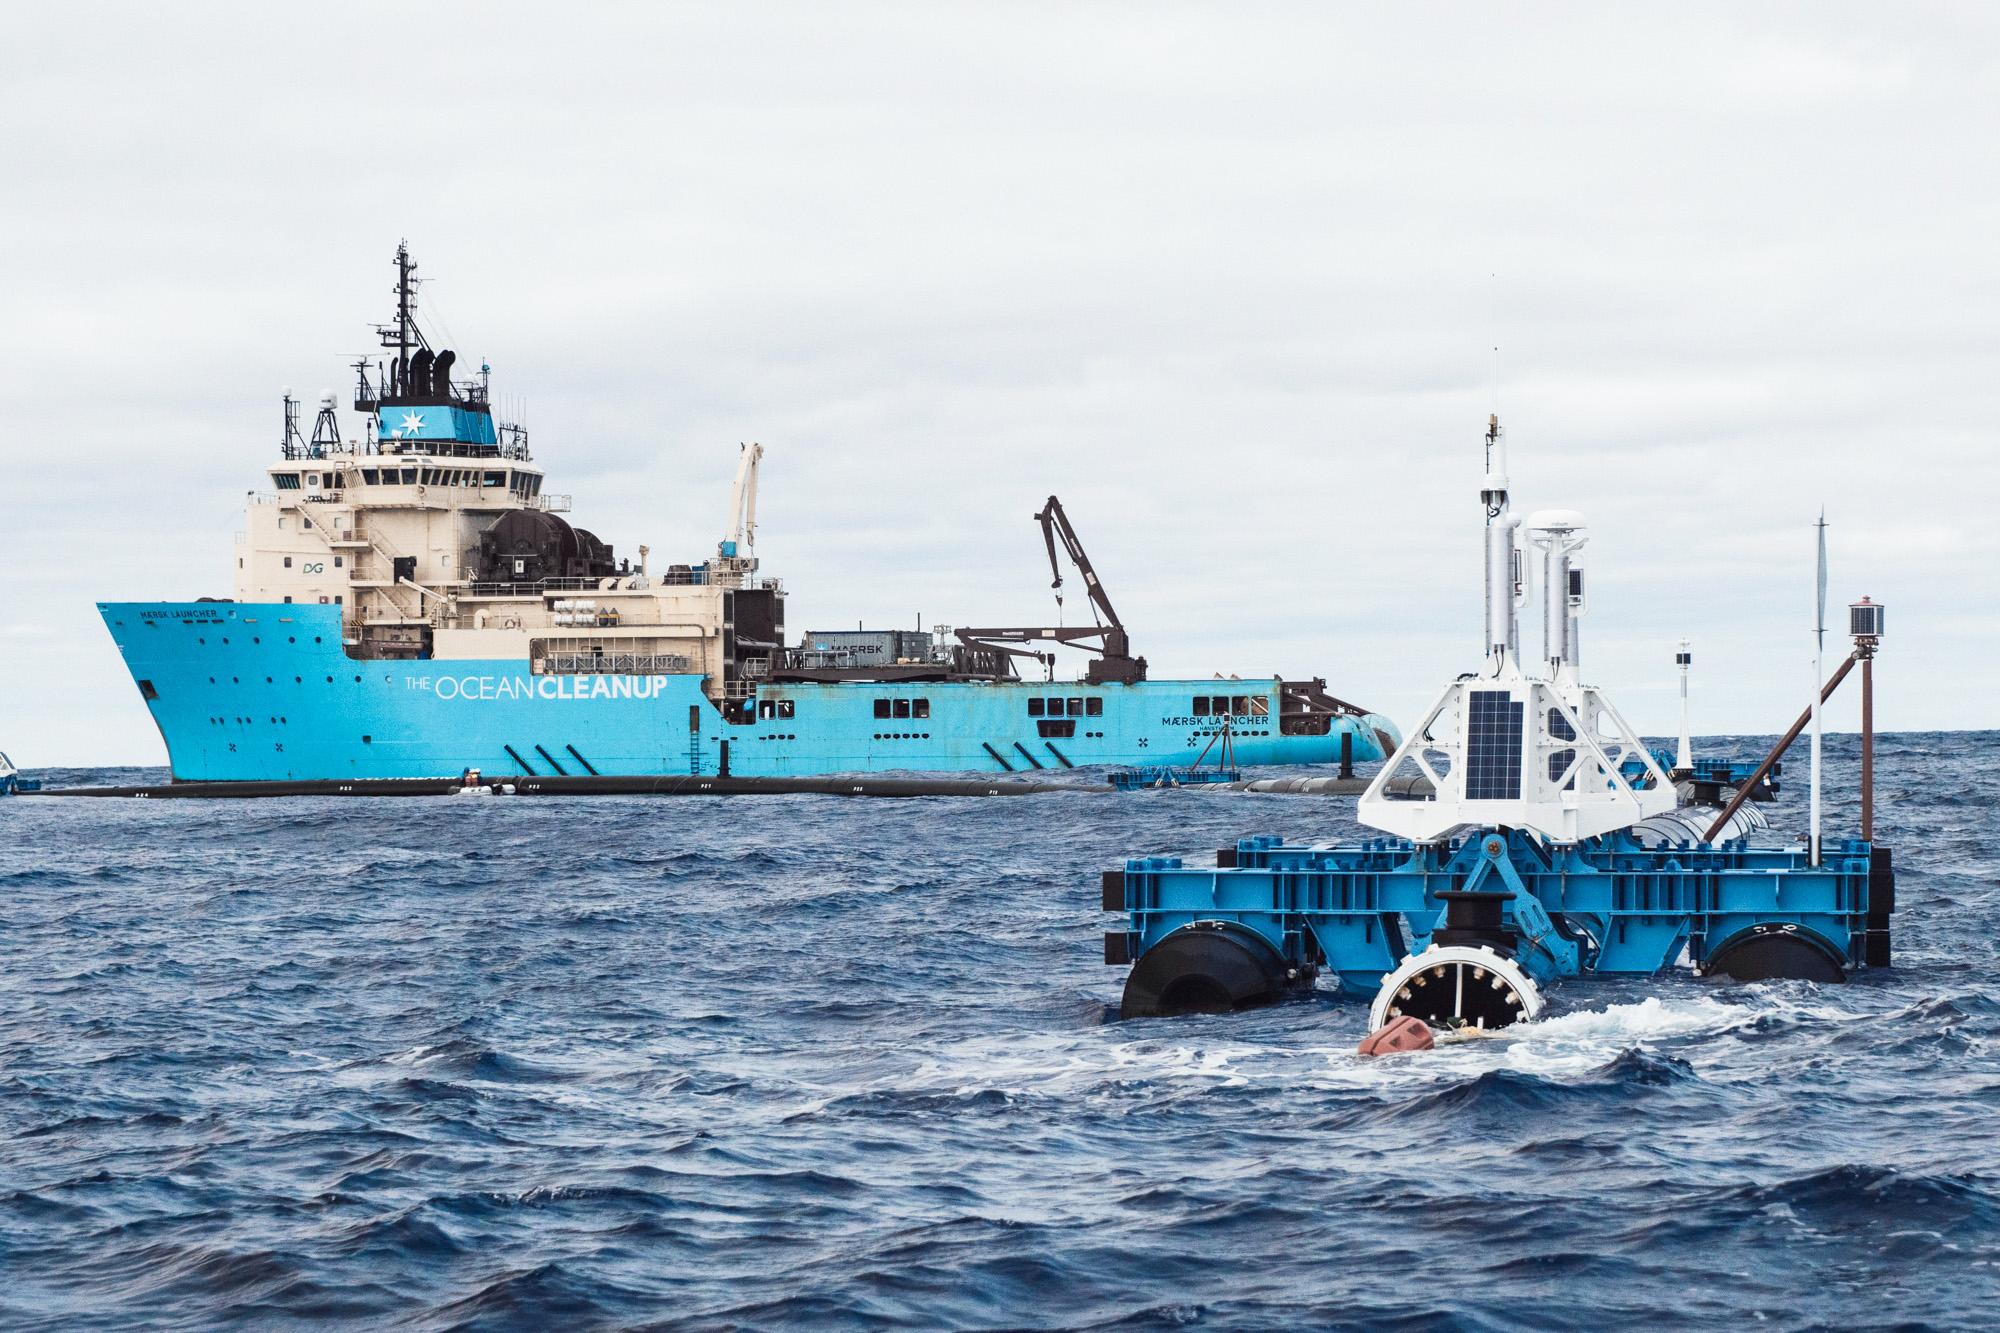 Ocean Cleanup malfunzionamento e imprevisti: è rischio fallimento